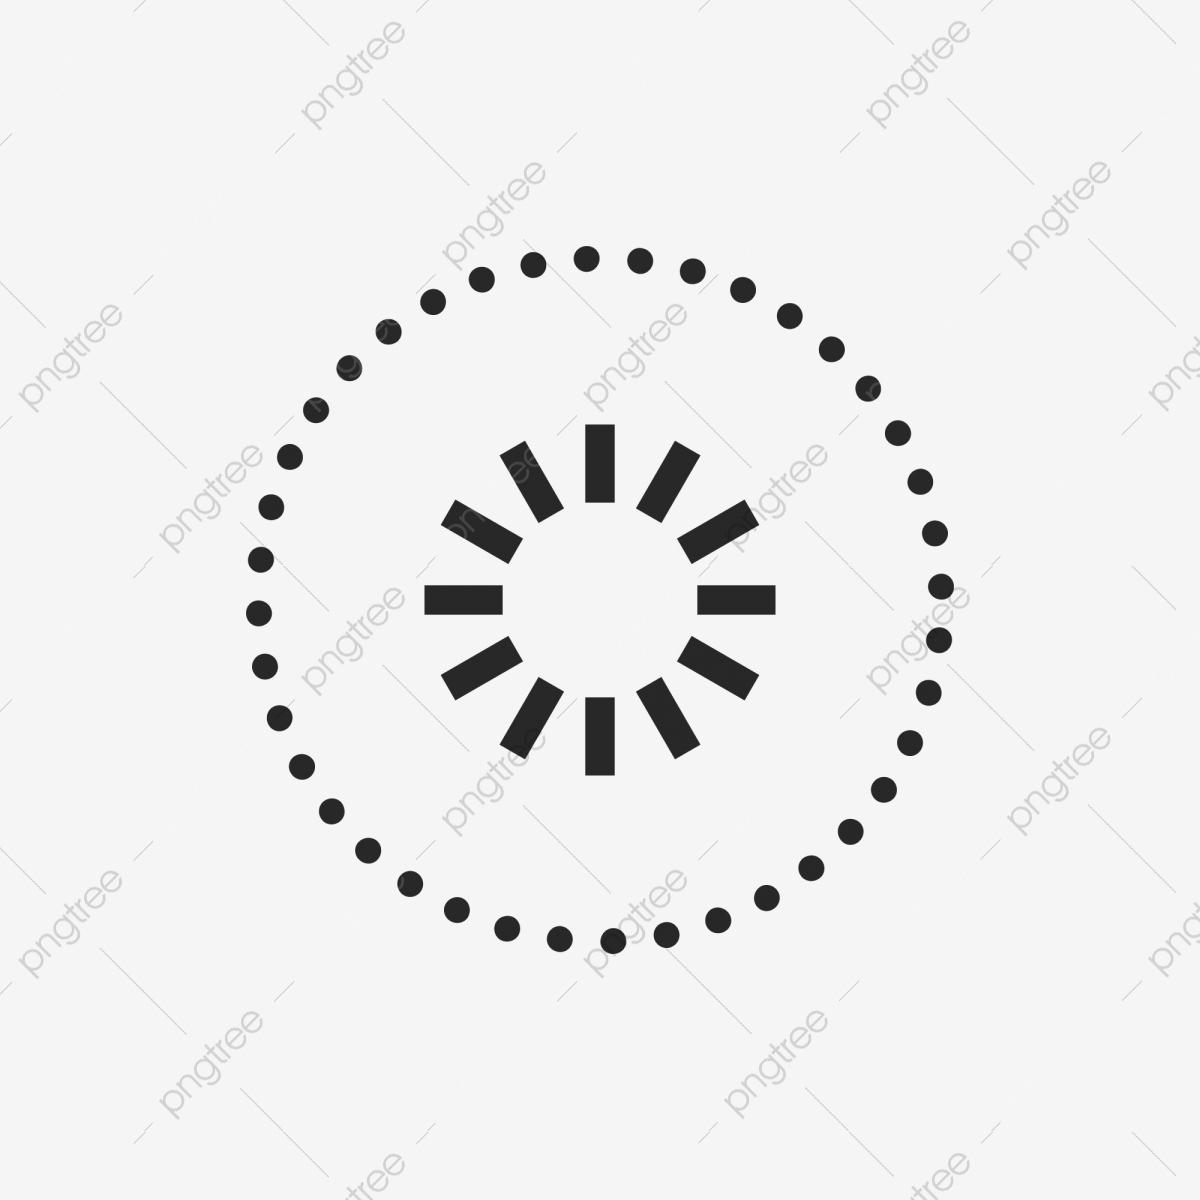 Soleil Forme De Modèle Icône De Cercle Cercle En Pointillé encequiconcerne Dessin En Pointillé